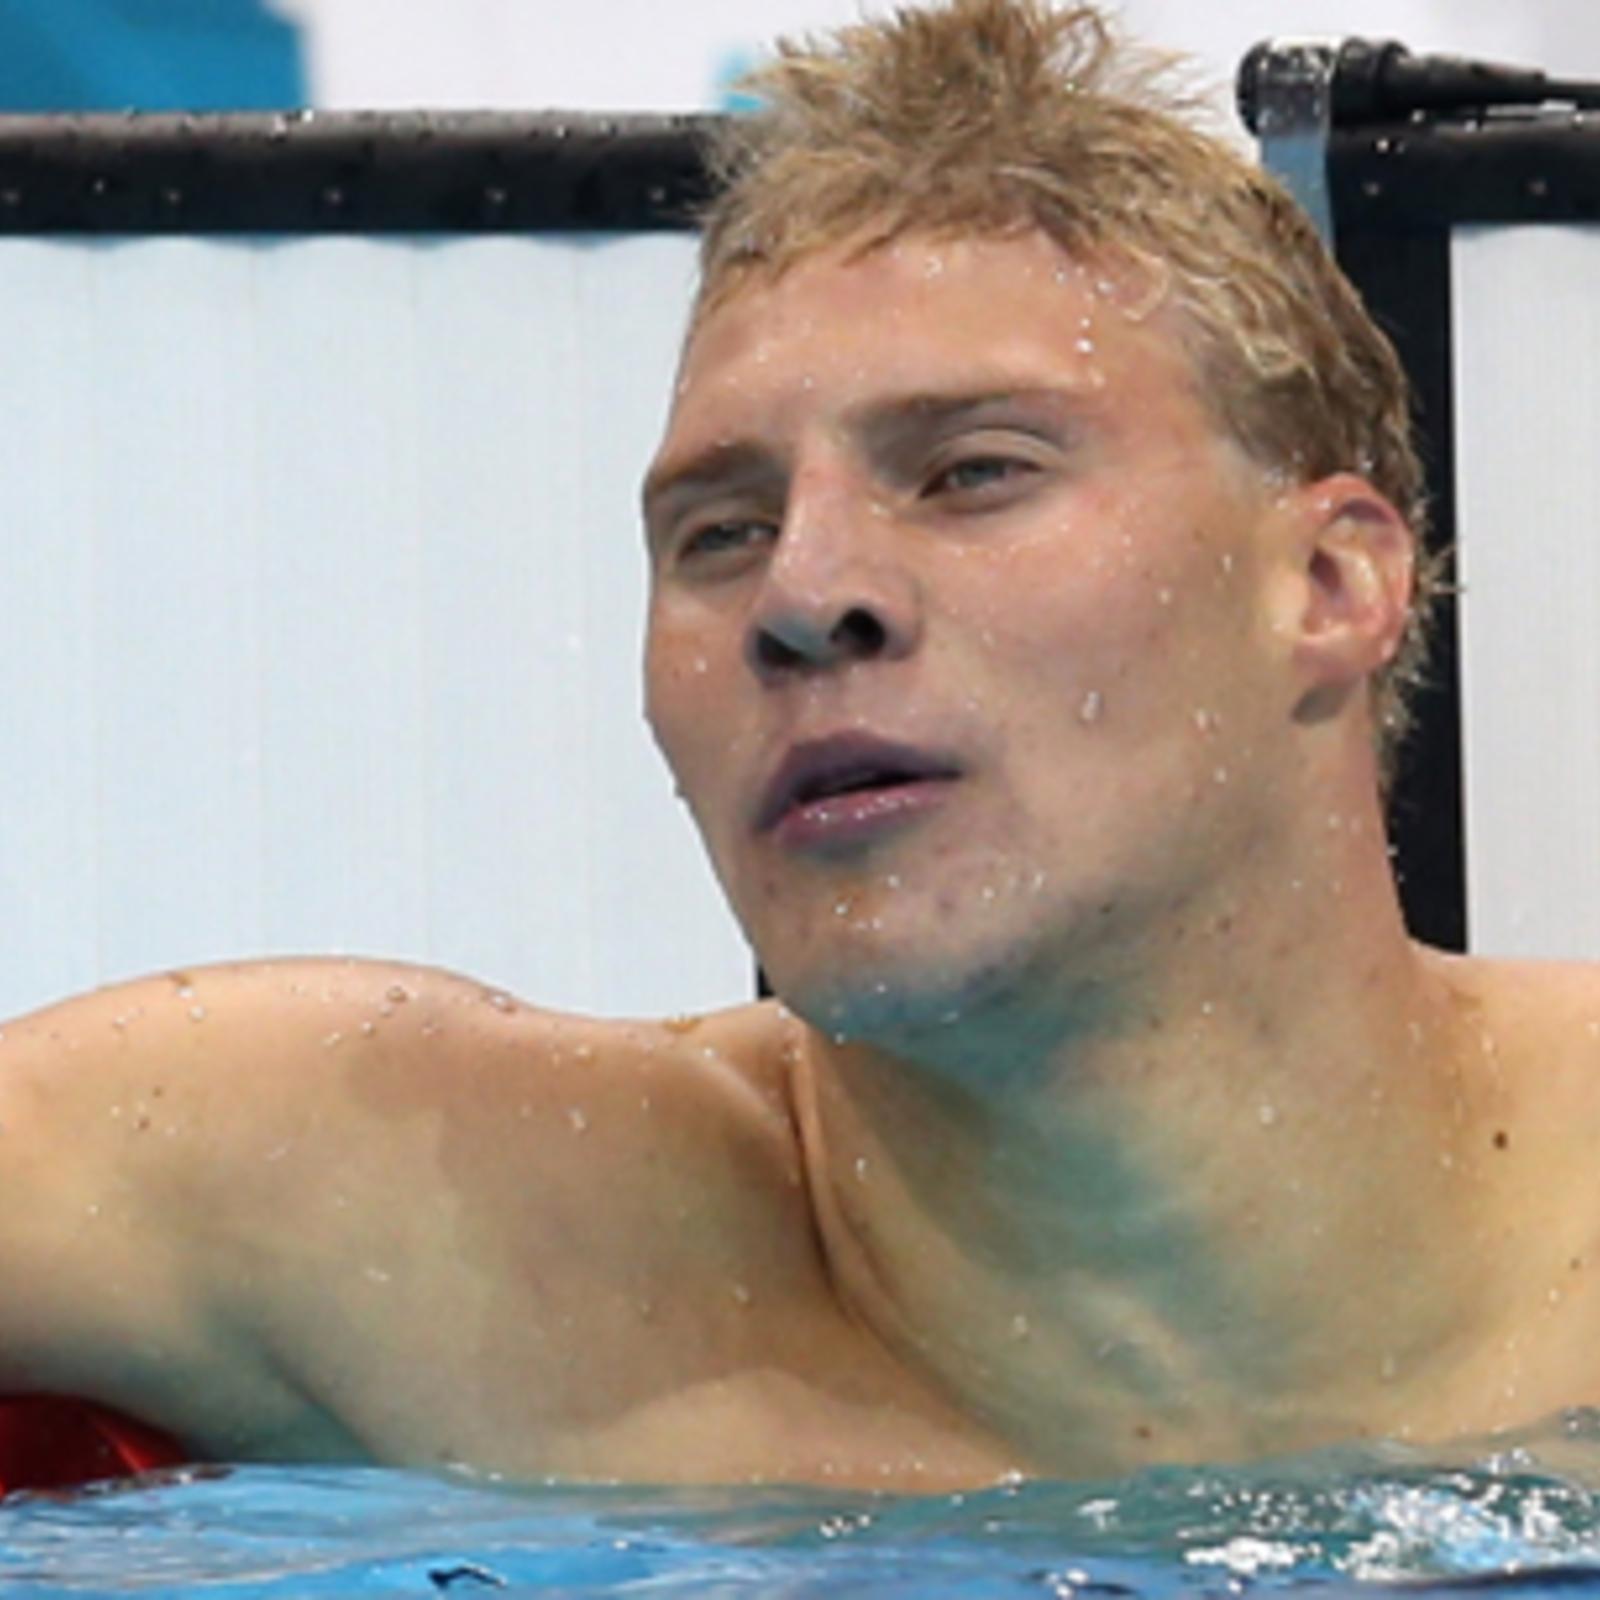 Gay schwimmer nackt